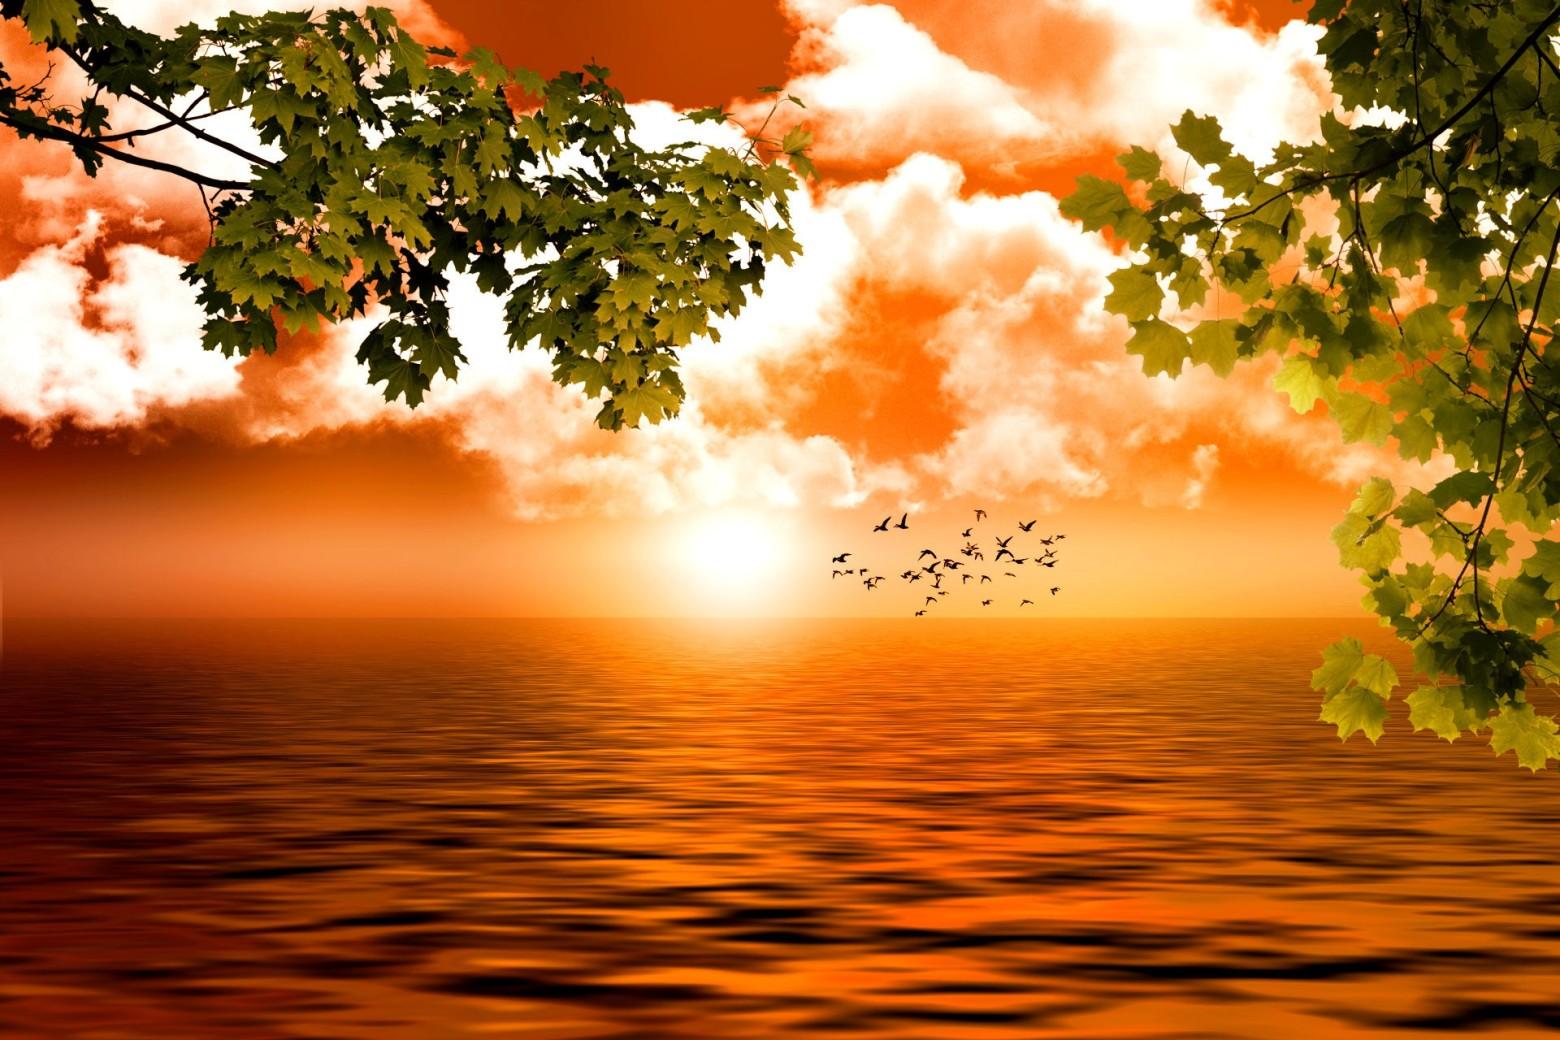 Beau fond d cran images gratuites images gratuites et for Images gratuites fond ecran mer